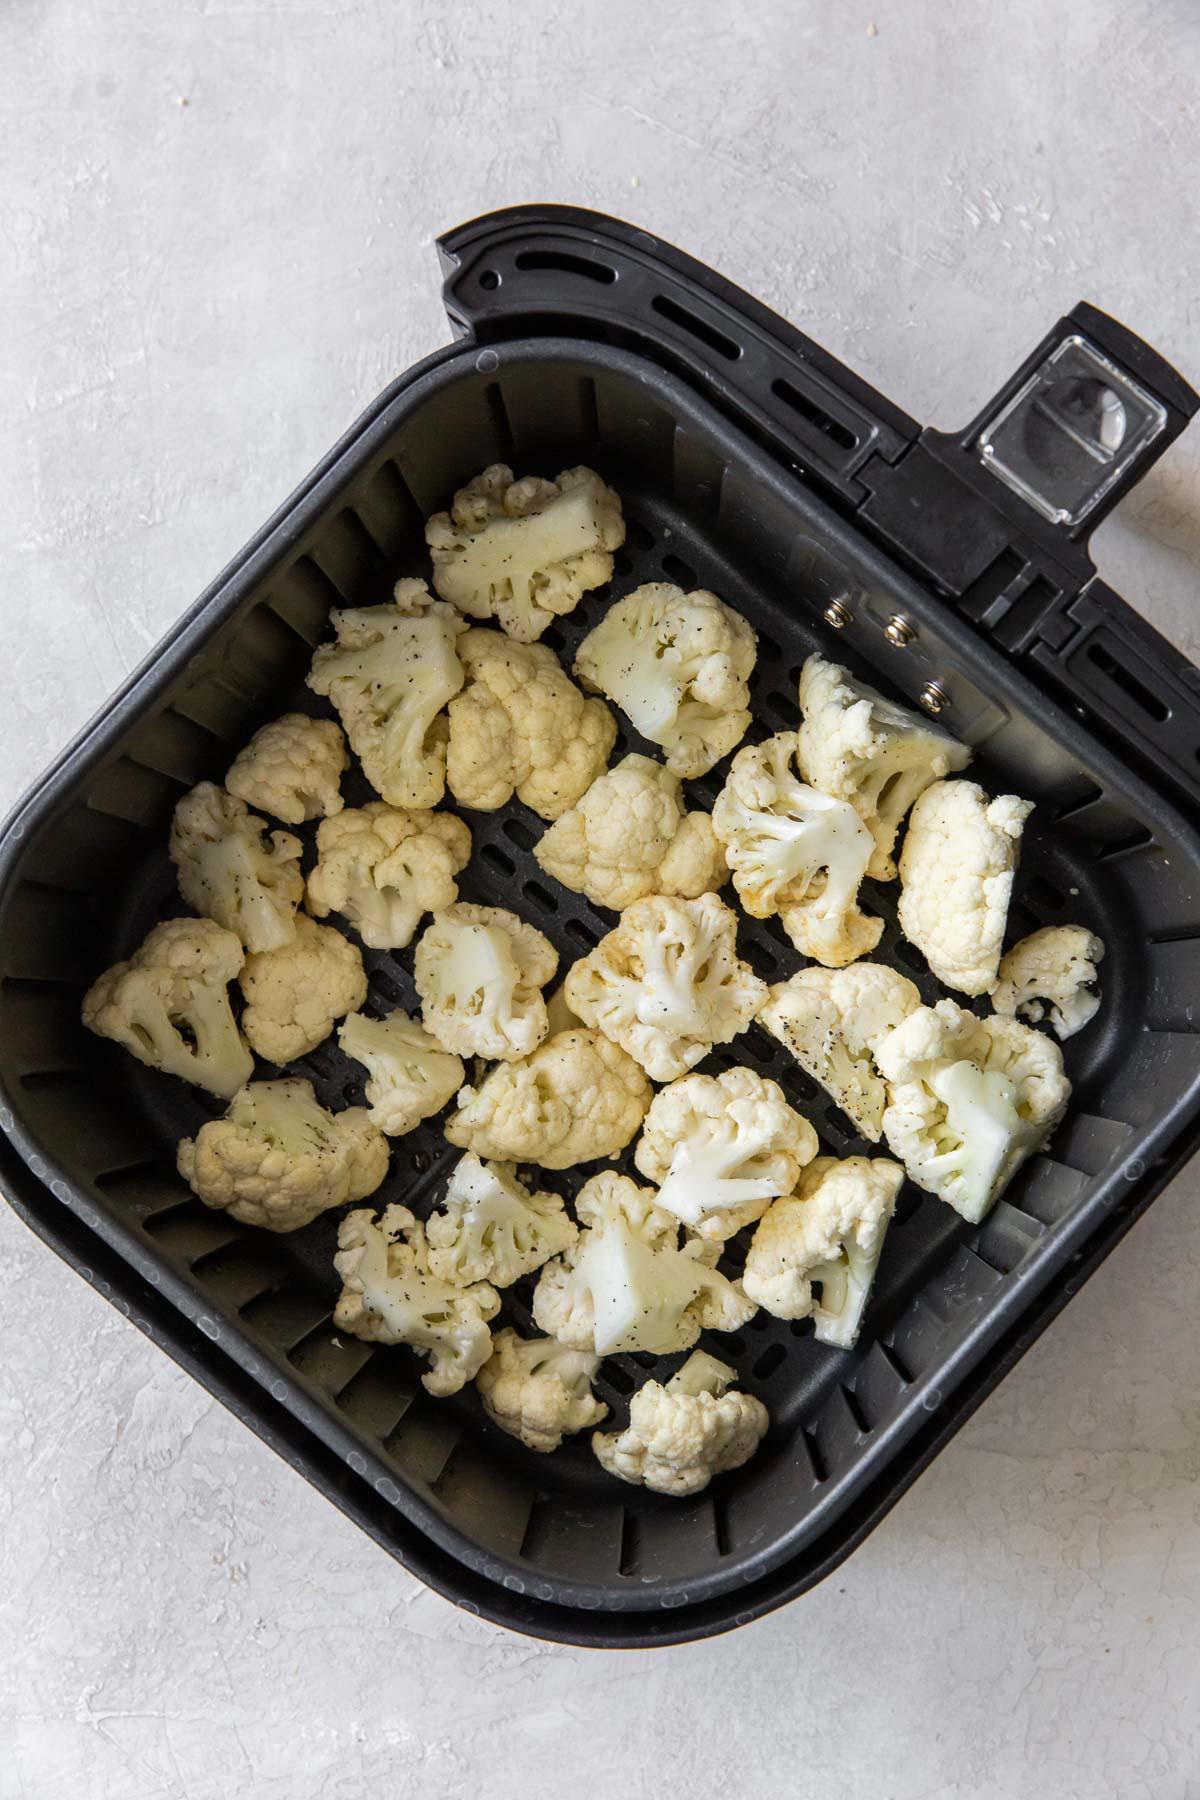 seasoned cauliflower in air fryer basket